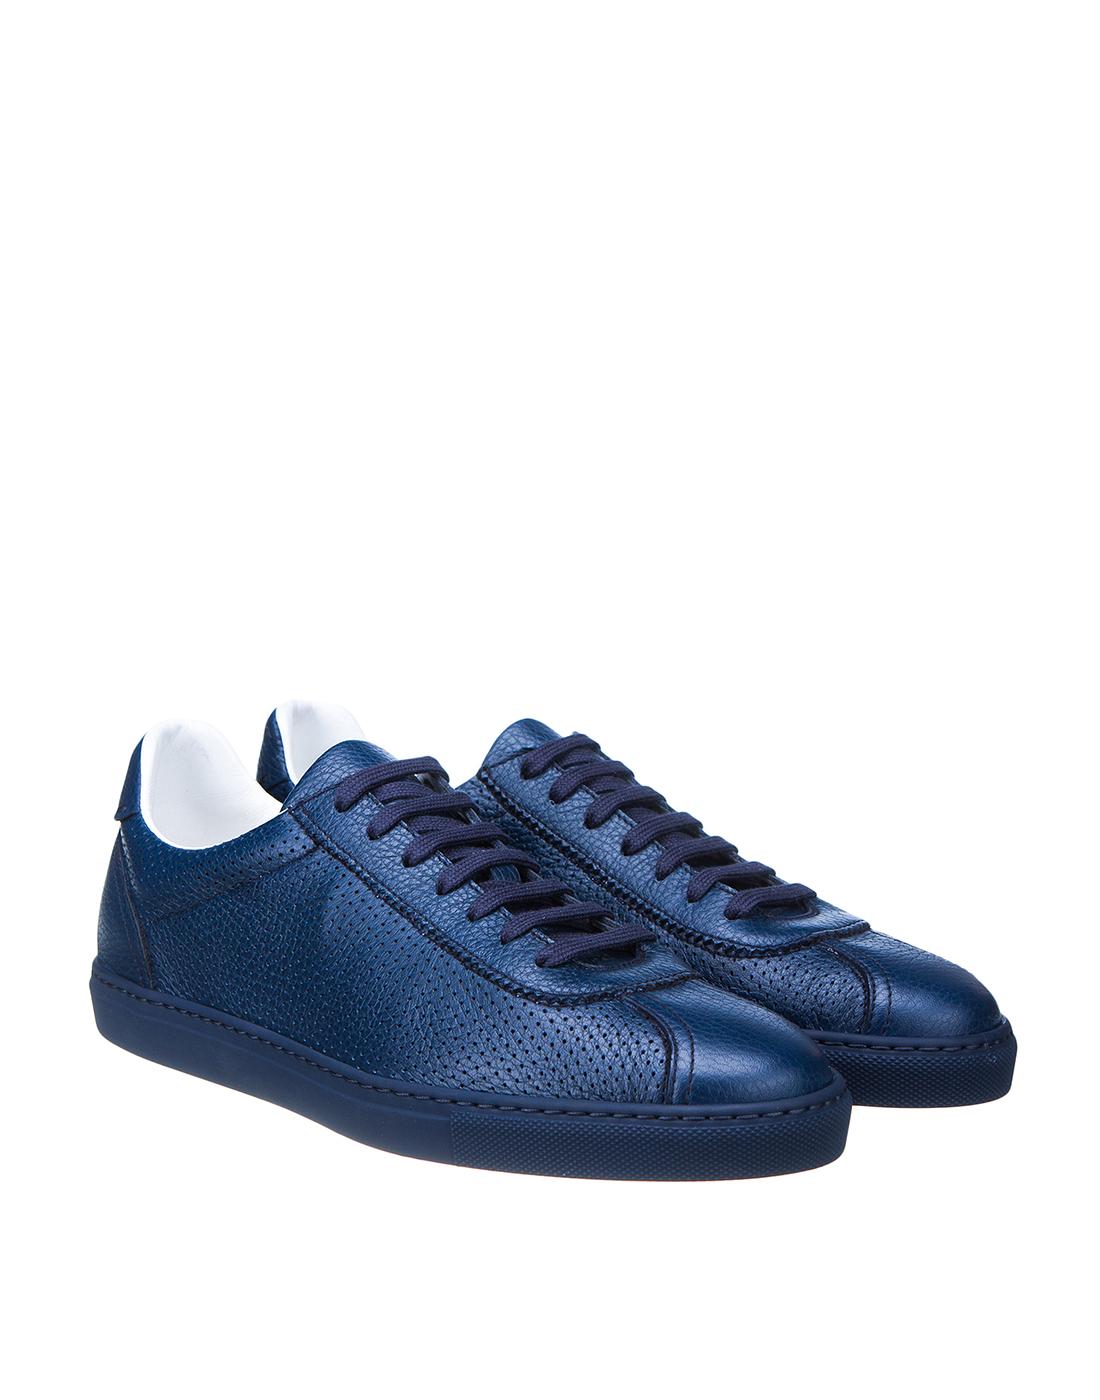 Кеды синие мужские перфорированные  Doucal's SDU2650MANAUZ109BB00-2